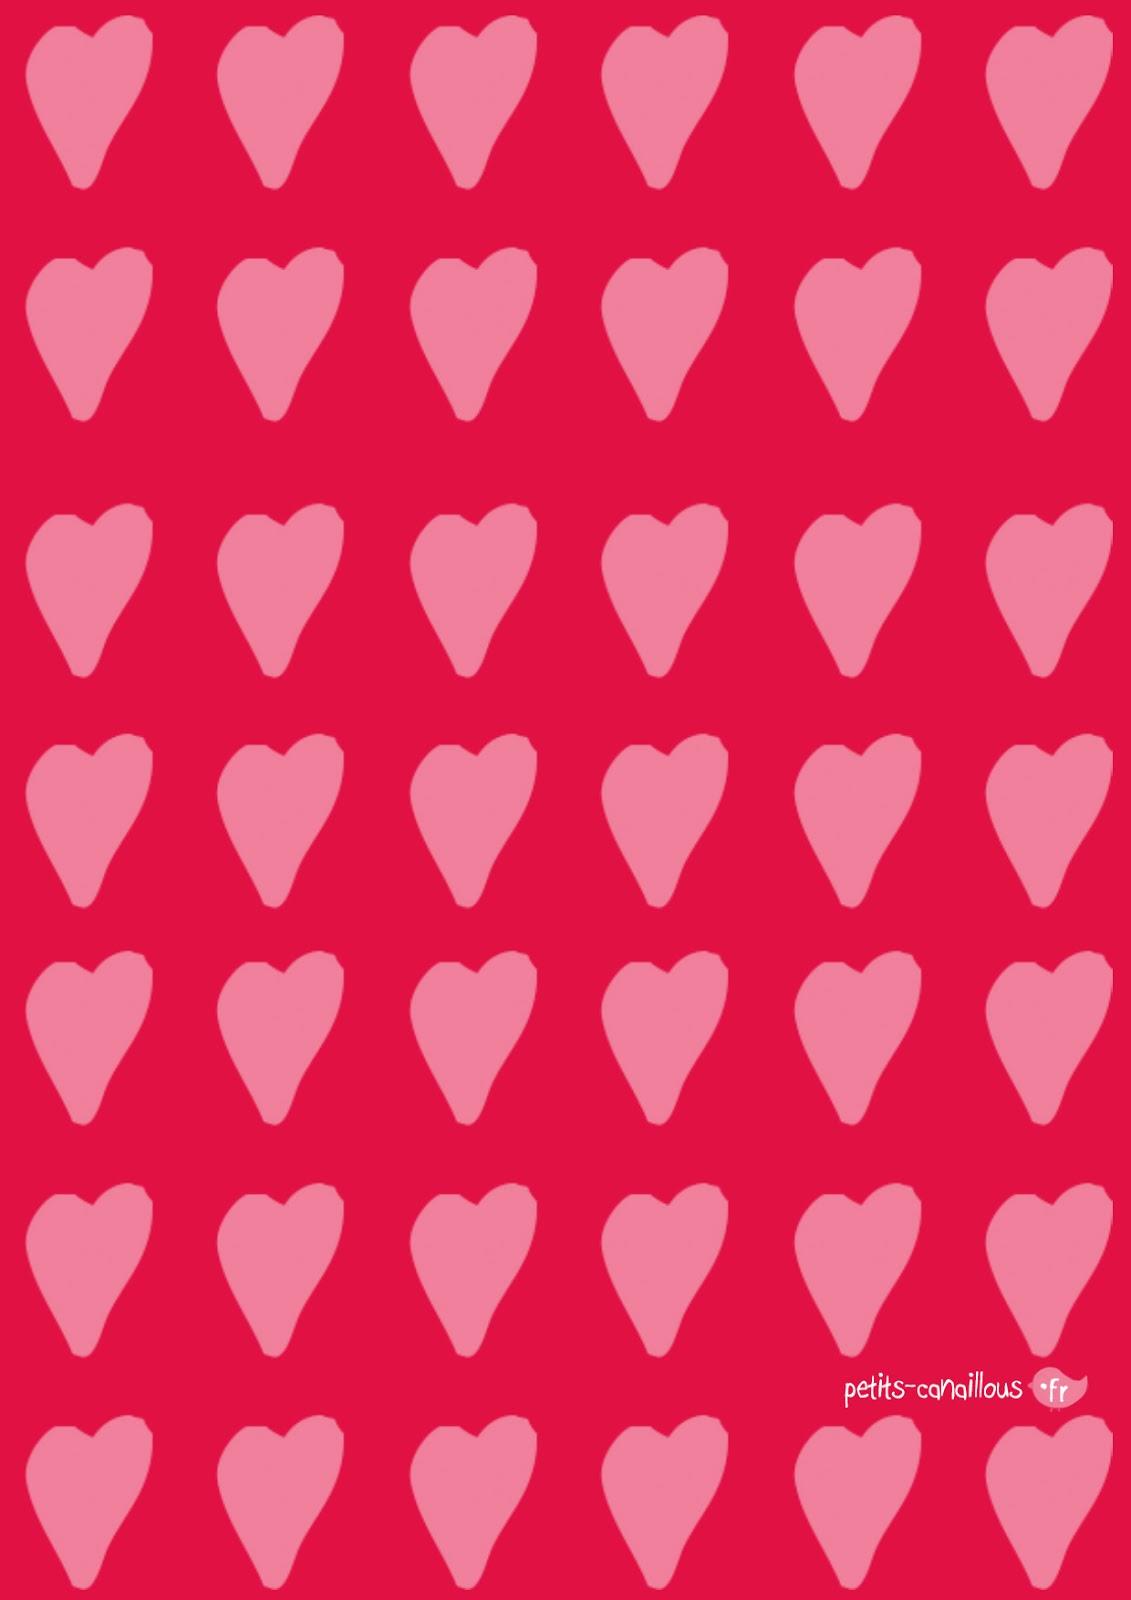 Des Jolis Papiers Cadeaux Pour La Saint Valentin